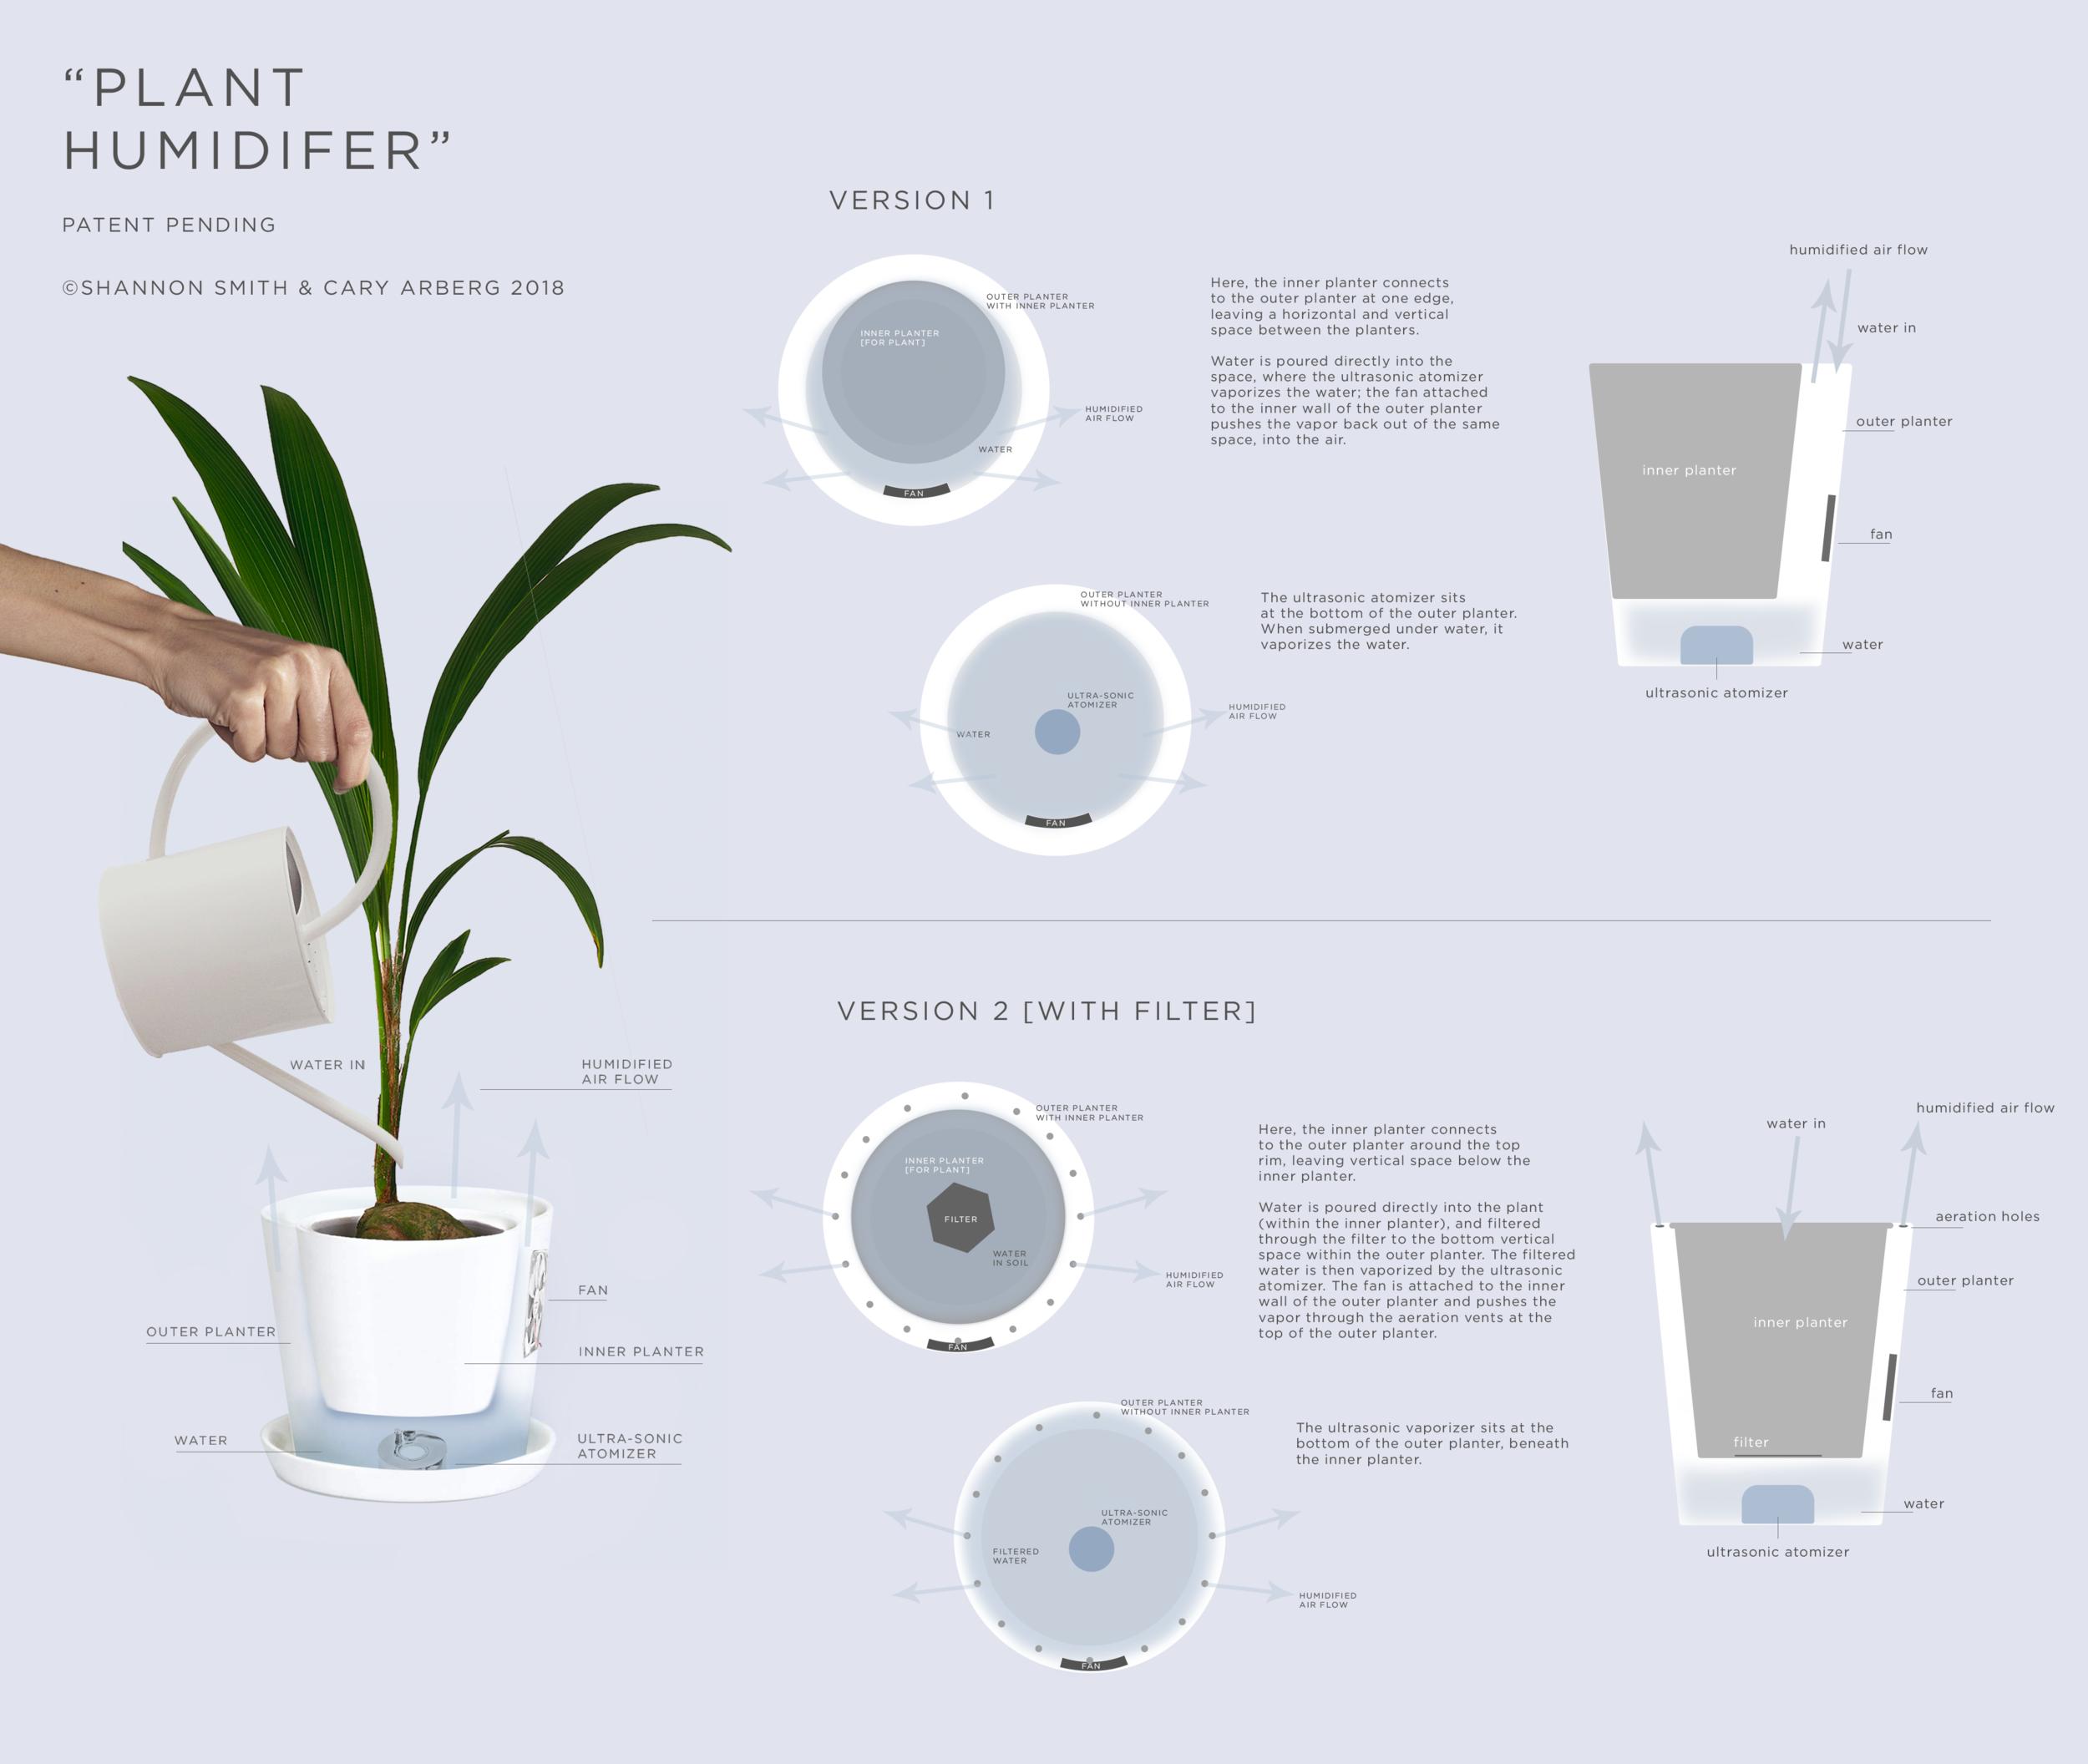 planthumidifer_prototype.png